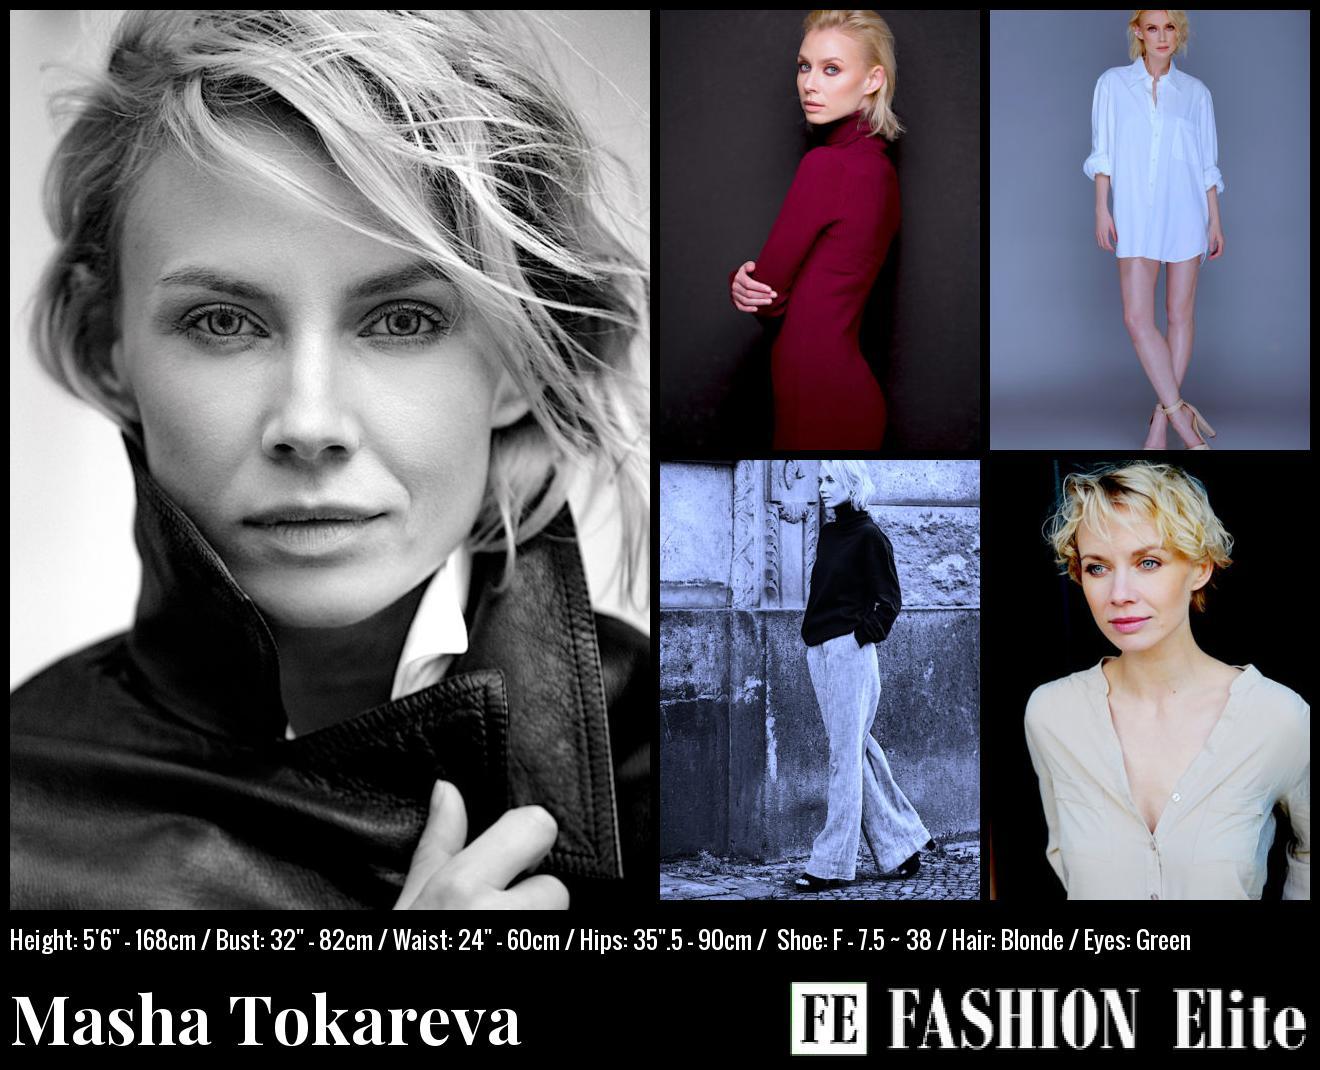 Masha Tokareva Comp Card